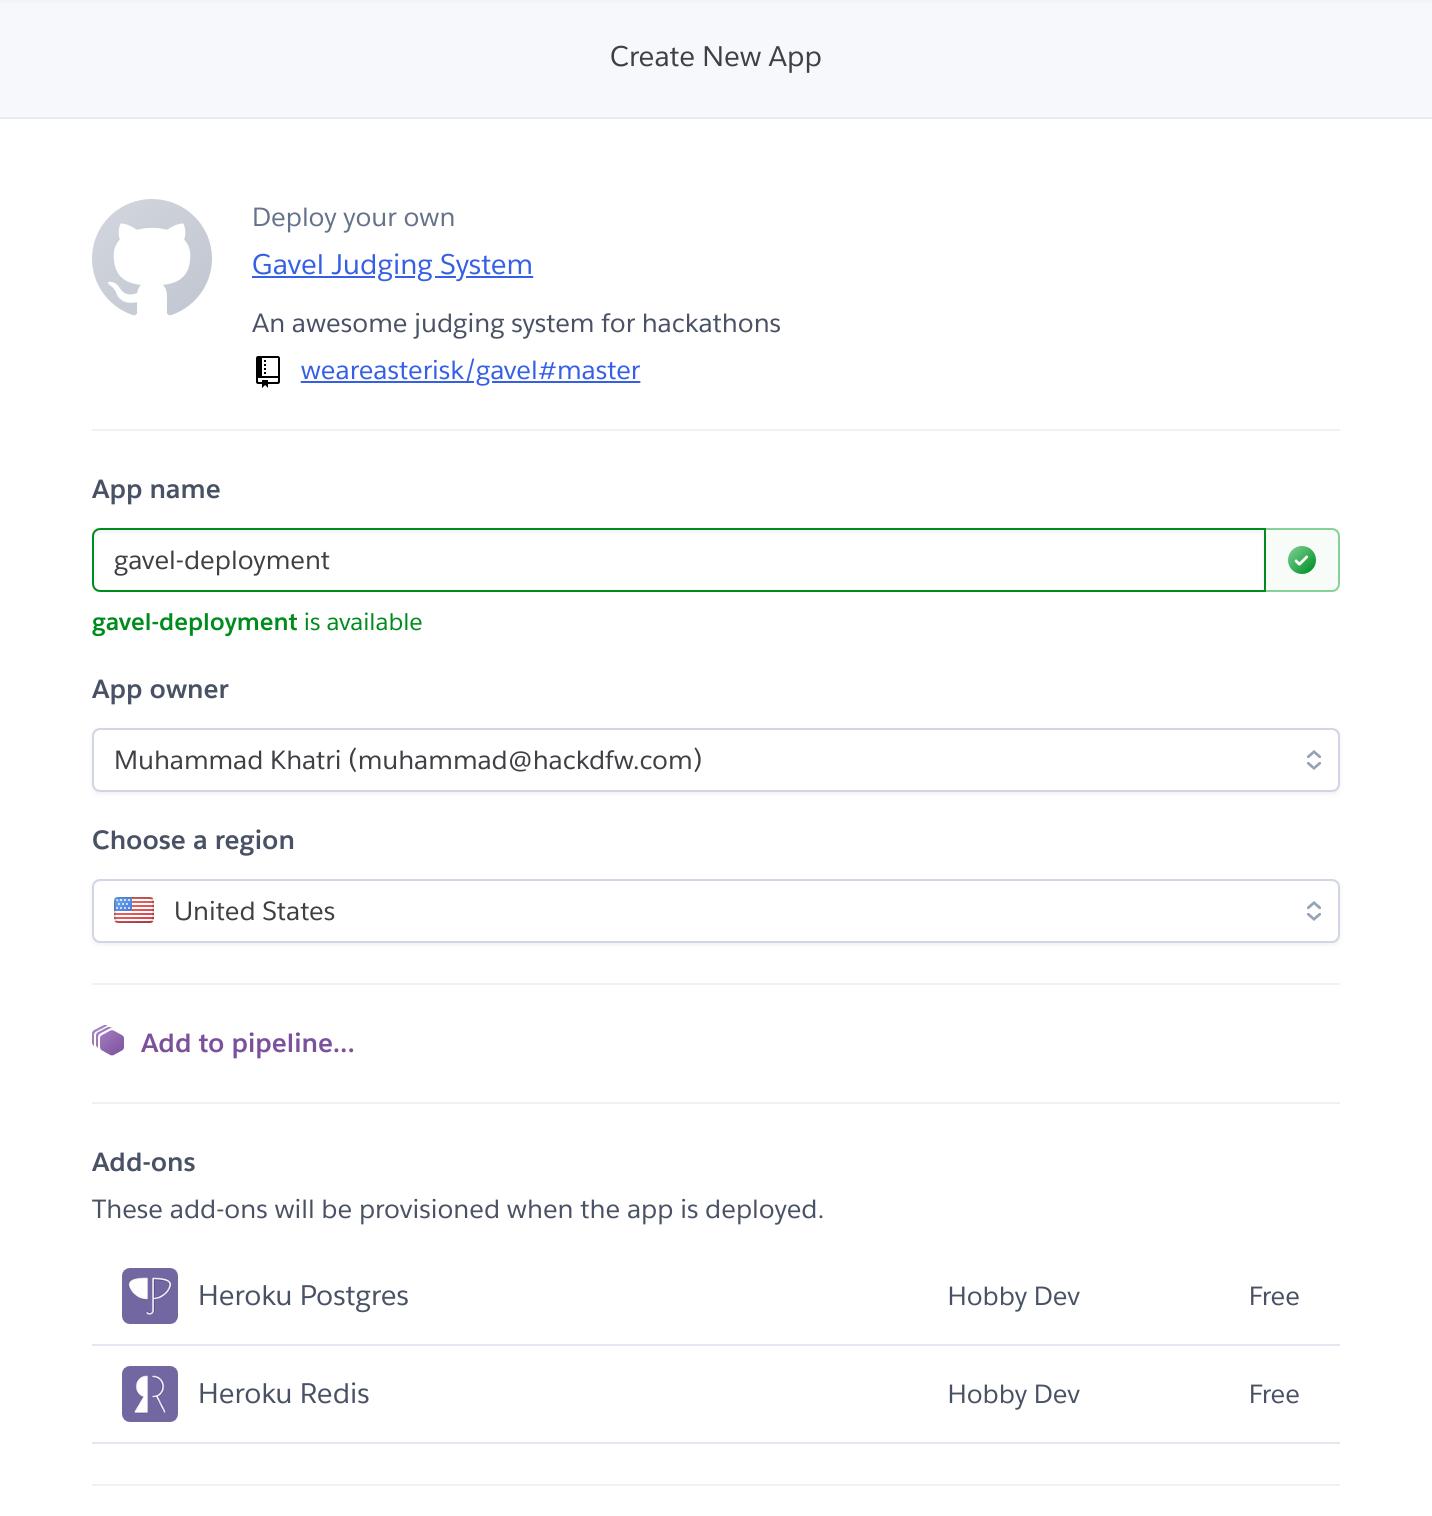 heroku create new app landing page